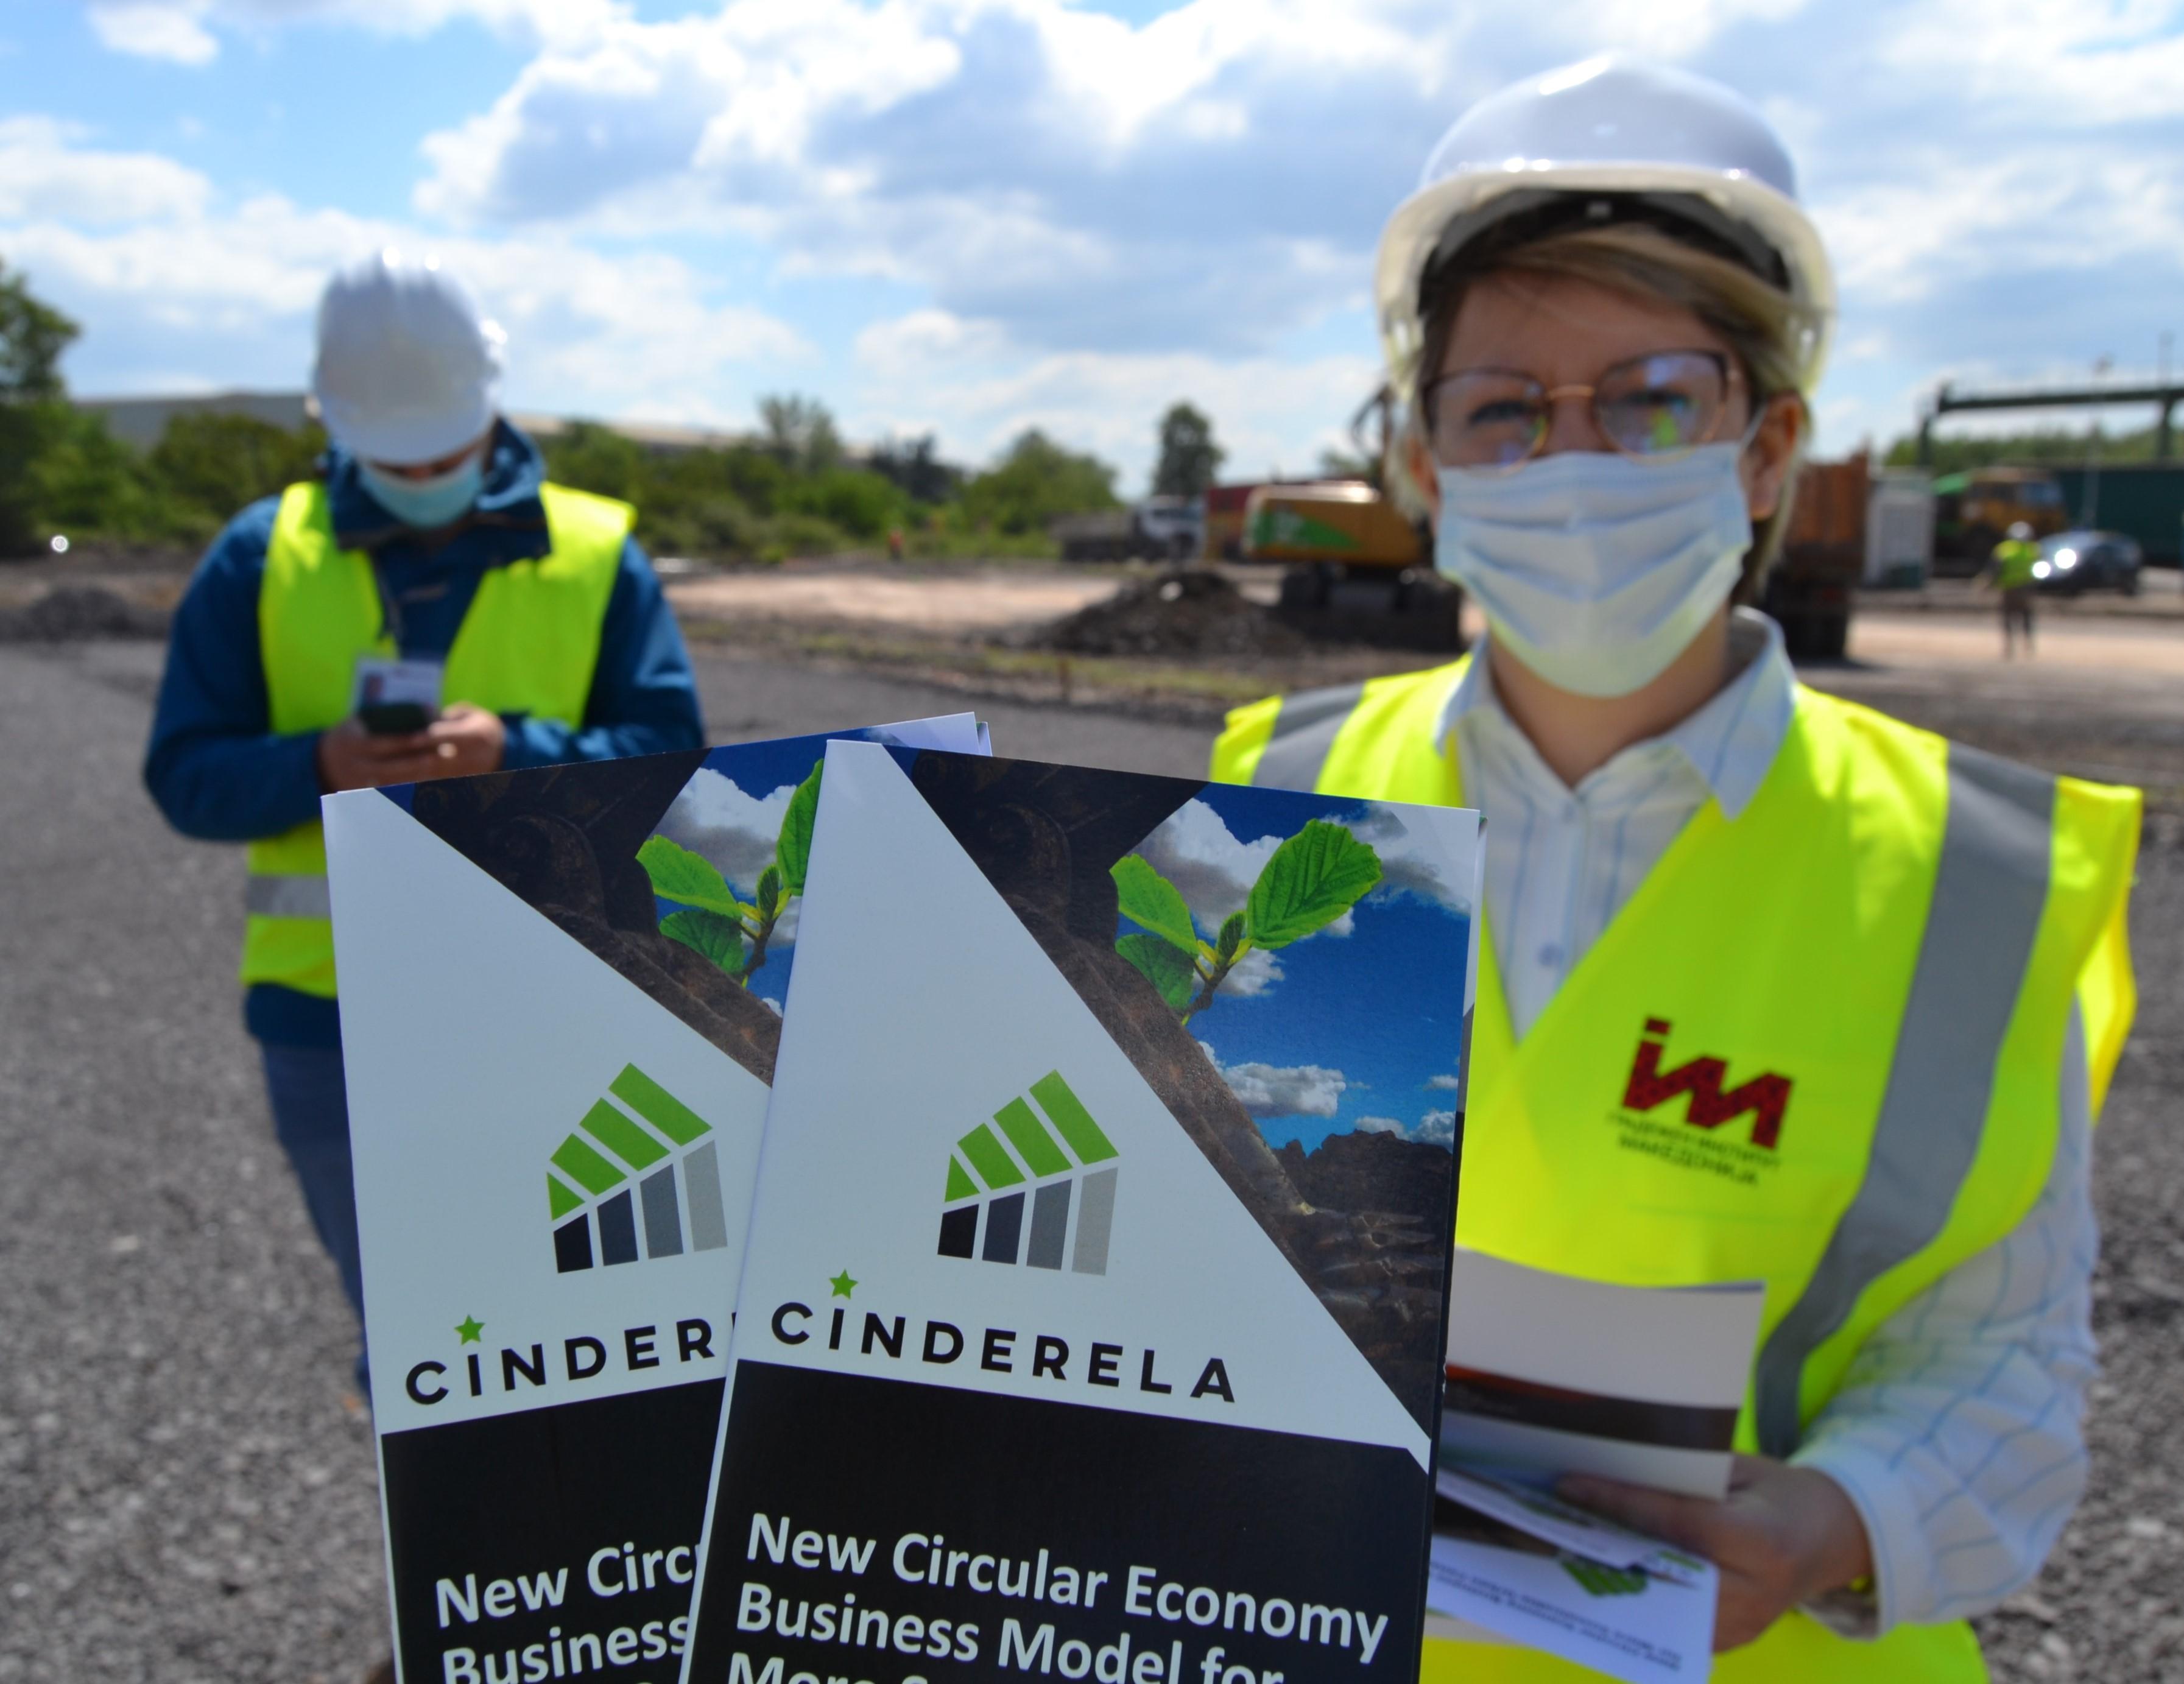 Градежен Институт Македонија и Макстил во заедничка соработка за реализација на европскиот проект за циркуларна економија – CINDERELA